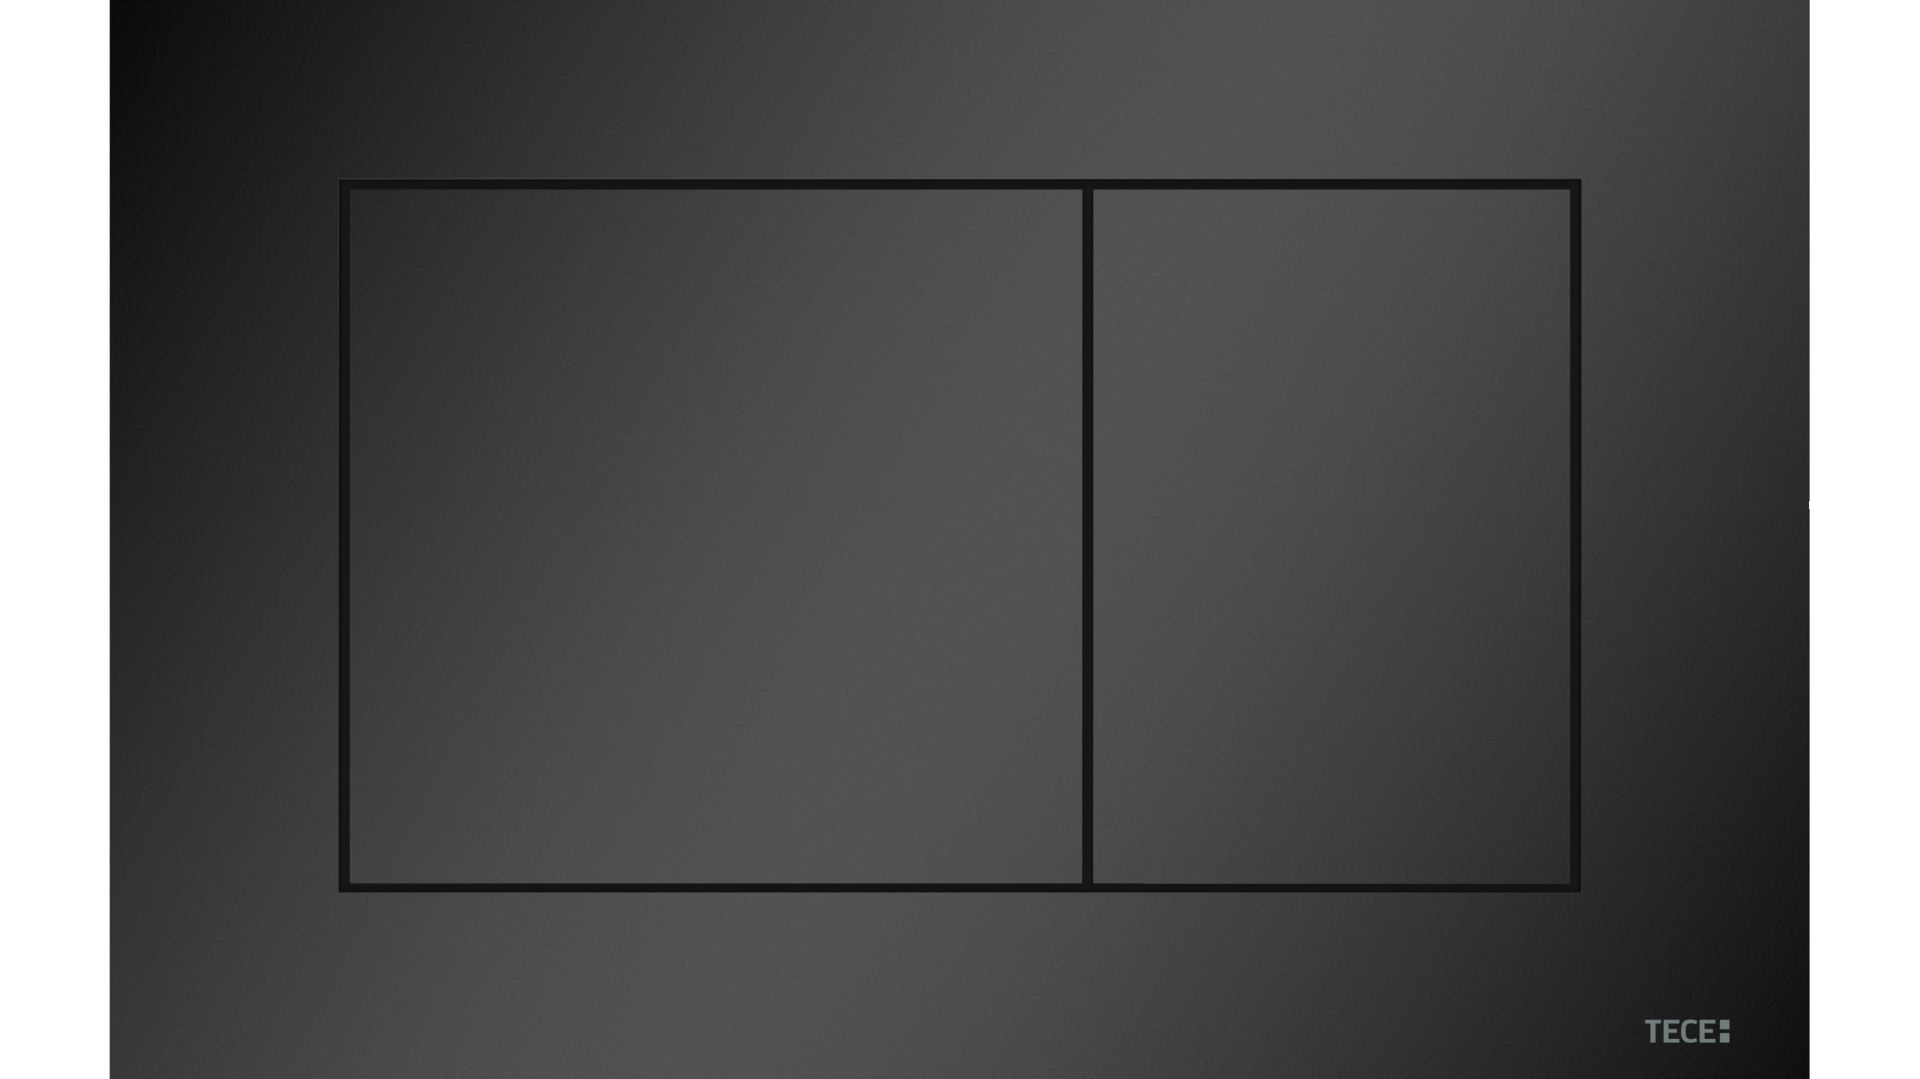 Przycisk spłukujący TECEnow czarny matowy. Fot. TECE